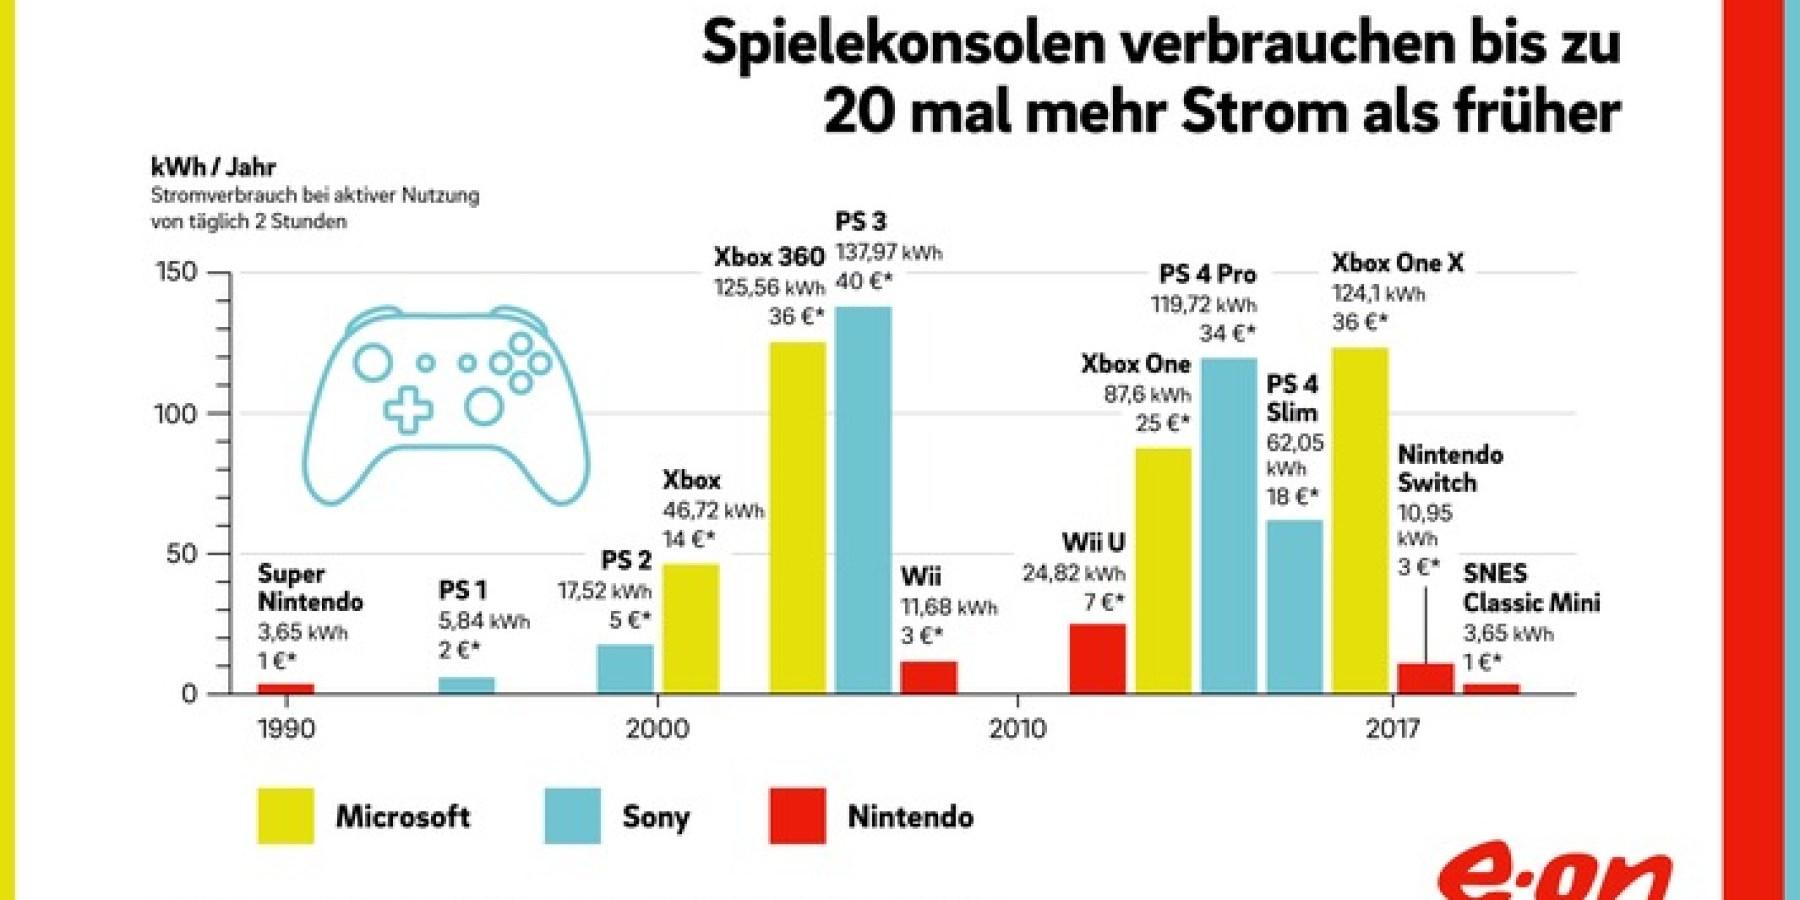 Spielekonsolen verbrauchen bis zu 20 mal mehr Strom als früher